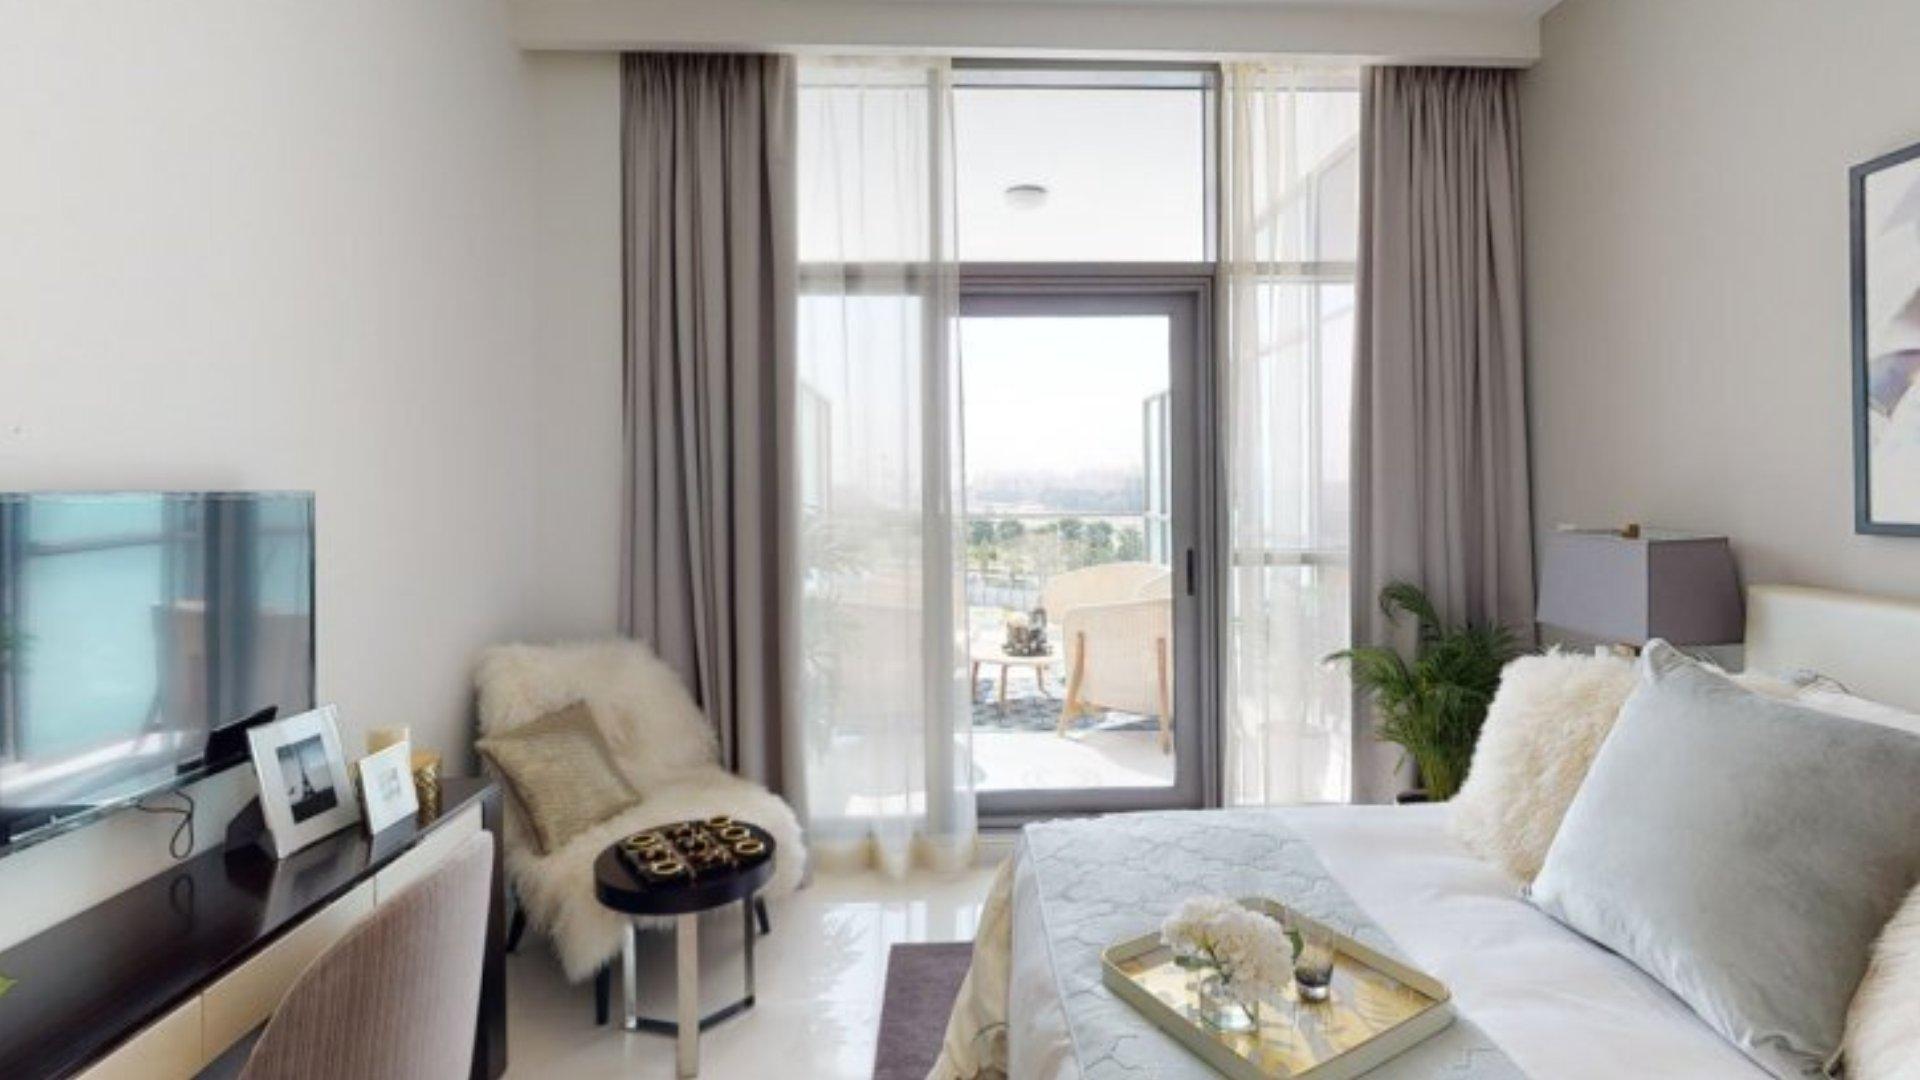 Apartamento en venta en Dubai, EAU, 2 dormitorios, 124 m2, № 24516 – foto 1